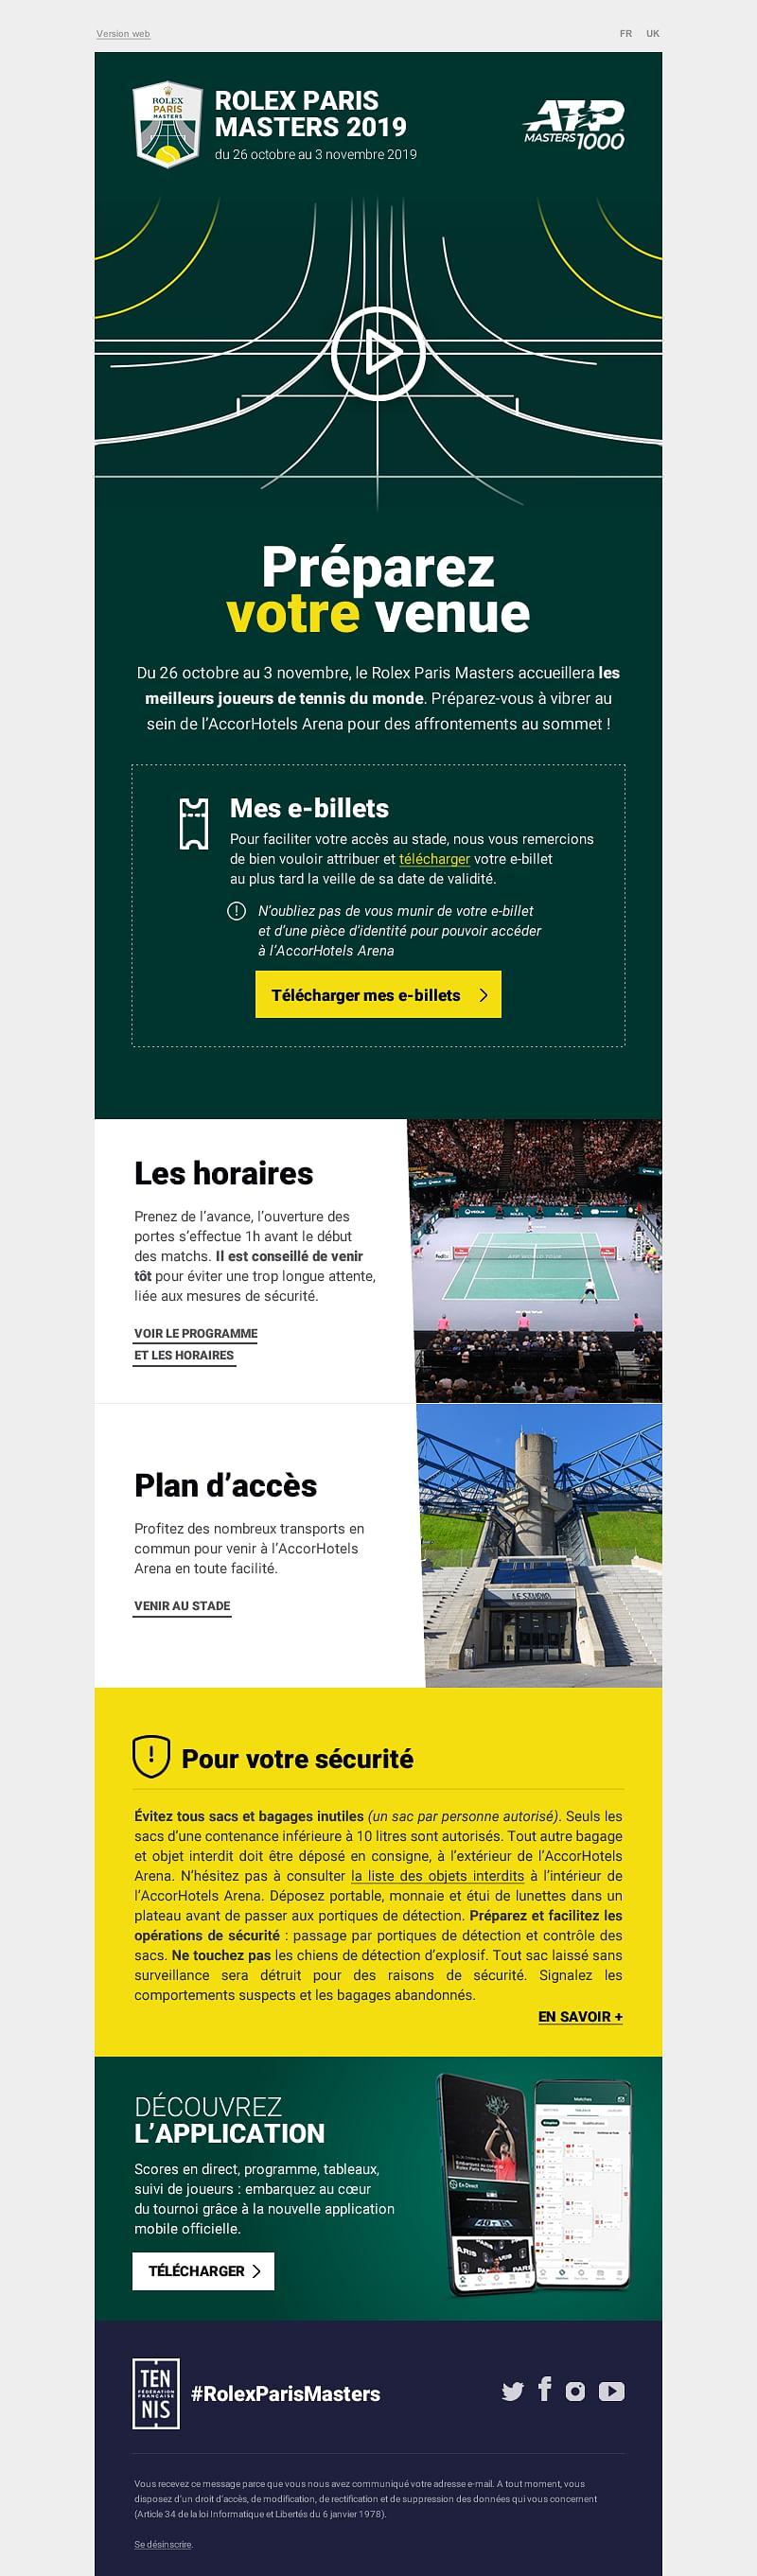 Refonte des emails du Rolex Paris Masters